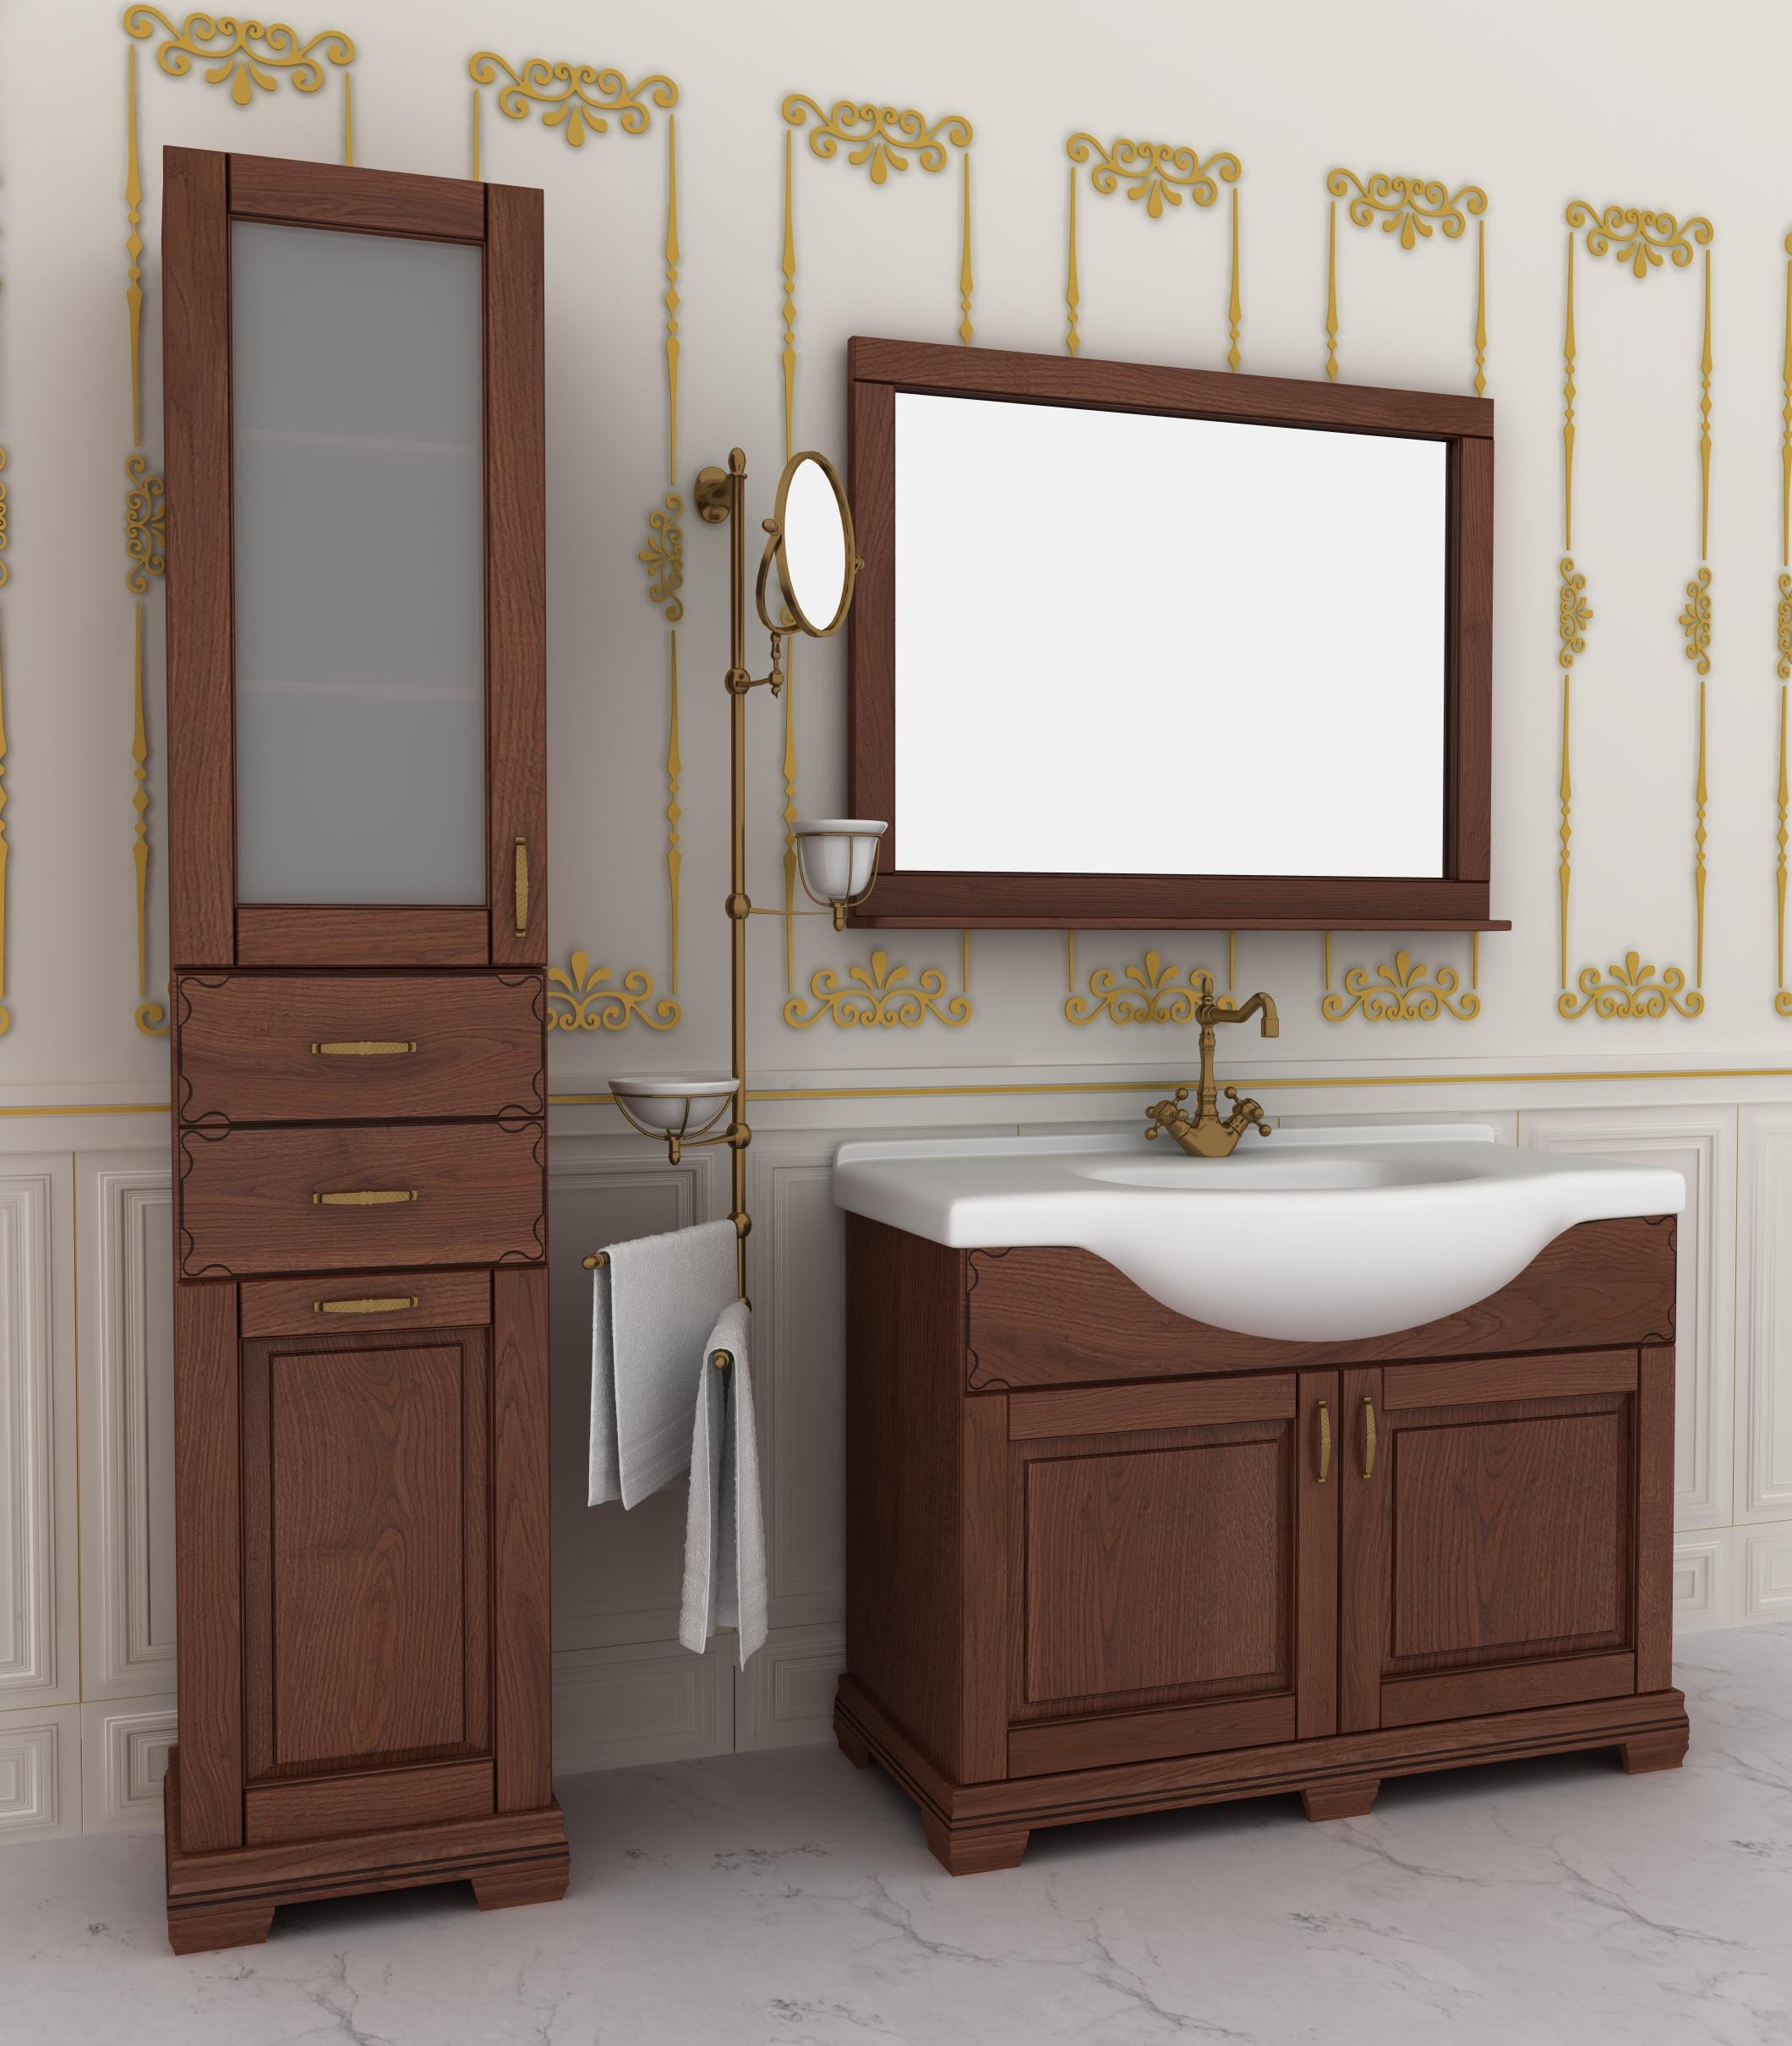 Изготовление мебели для ванной под заказ в Киеве